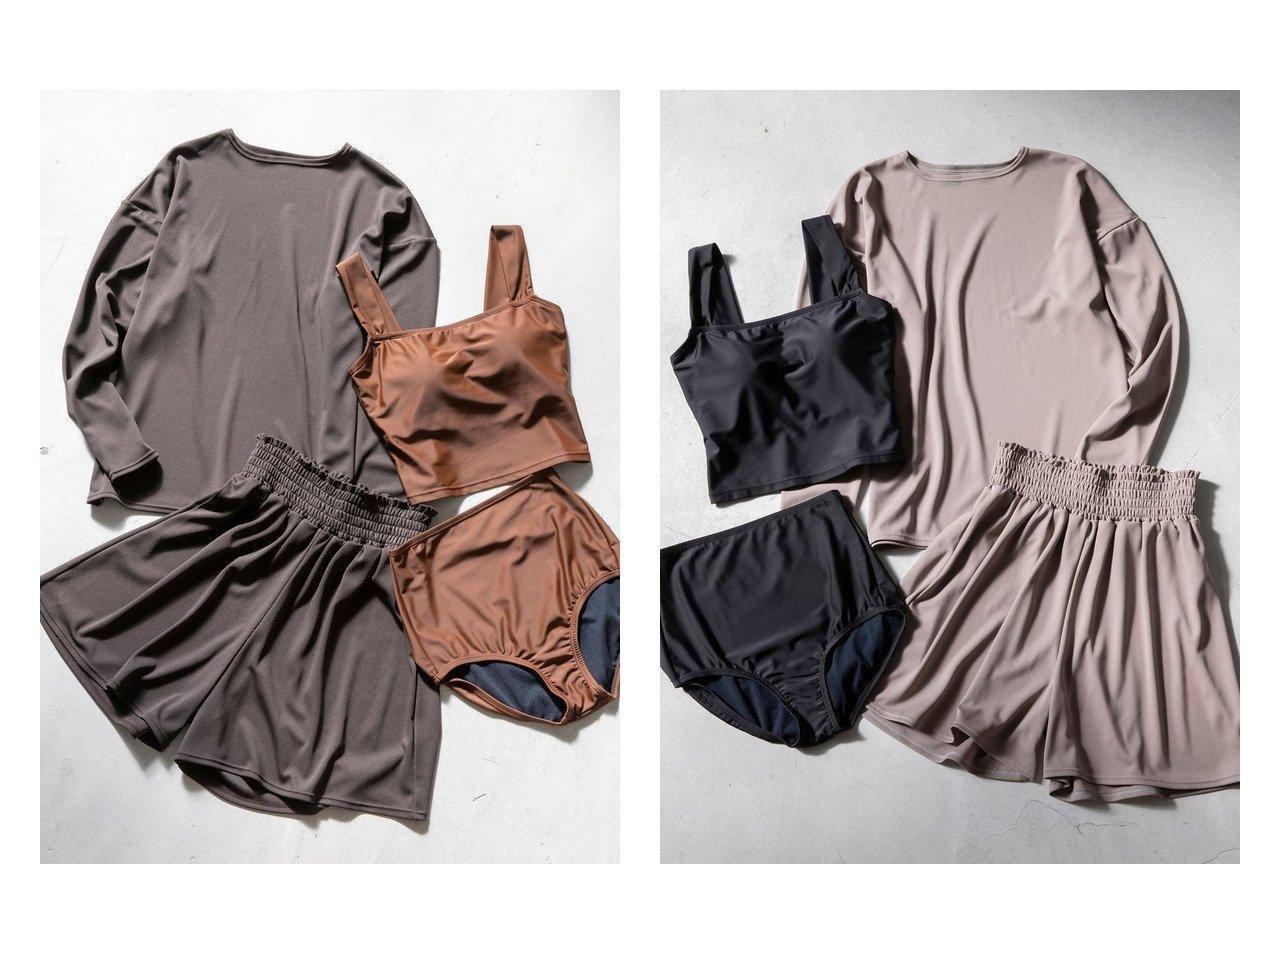 【COEN/コーエン】のクリアポーチ付きプレーンスイムウエア4点セット 【水着】おすすめ!人気、トレンド・レディースファッションの通販 おすすめで人気の流行・トレンド、ファッションの通販商品 メンズファッション・キッズファッション・インテリア・家具・レディースファッション・服の通販 founy(ファニー) https://founy.com/ ファッション Fashion レディースファッション WOMEN 水着 Swimwear 水着 Swimwear 2021年 2021 2021春夏・S/S SS/Spring/Summer/2021 S/S・春夏 SS・Spring/Summer シンプル スイムウエア スポーツ ビキニ ボトム ポーチ 水着  ID:crp329100000039465